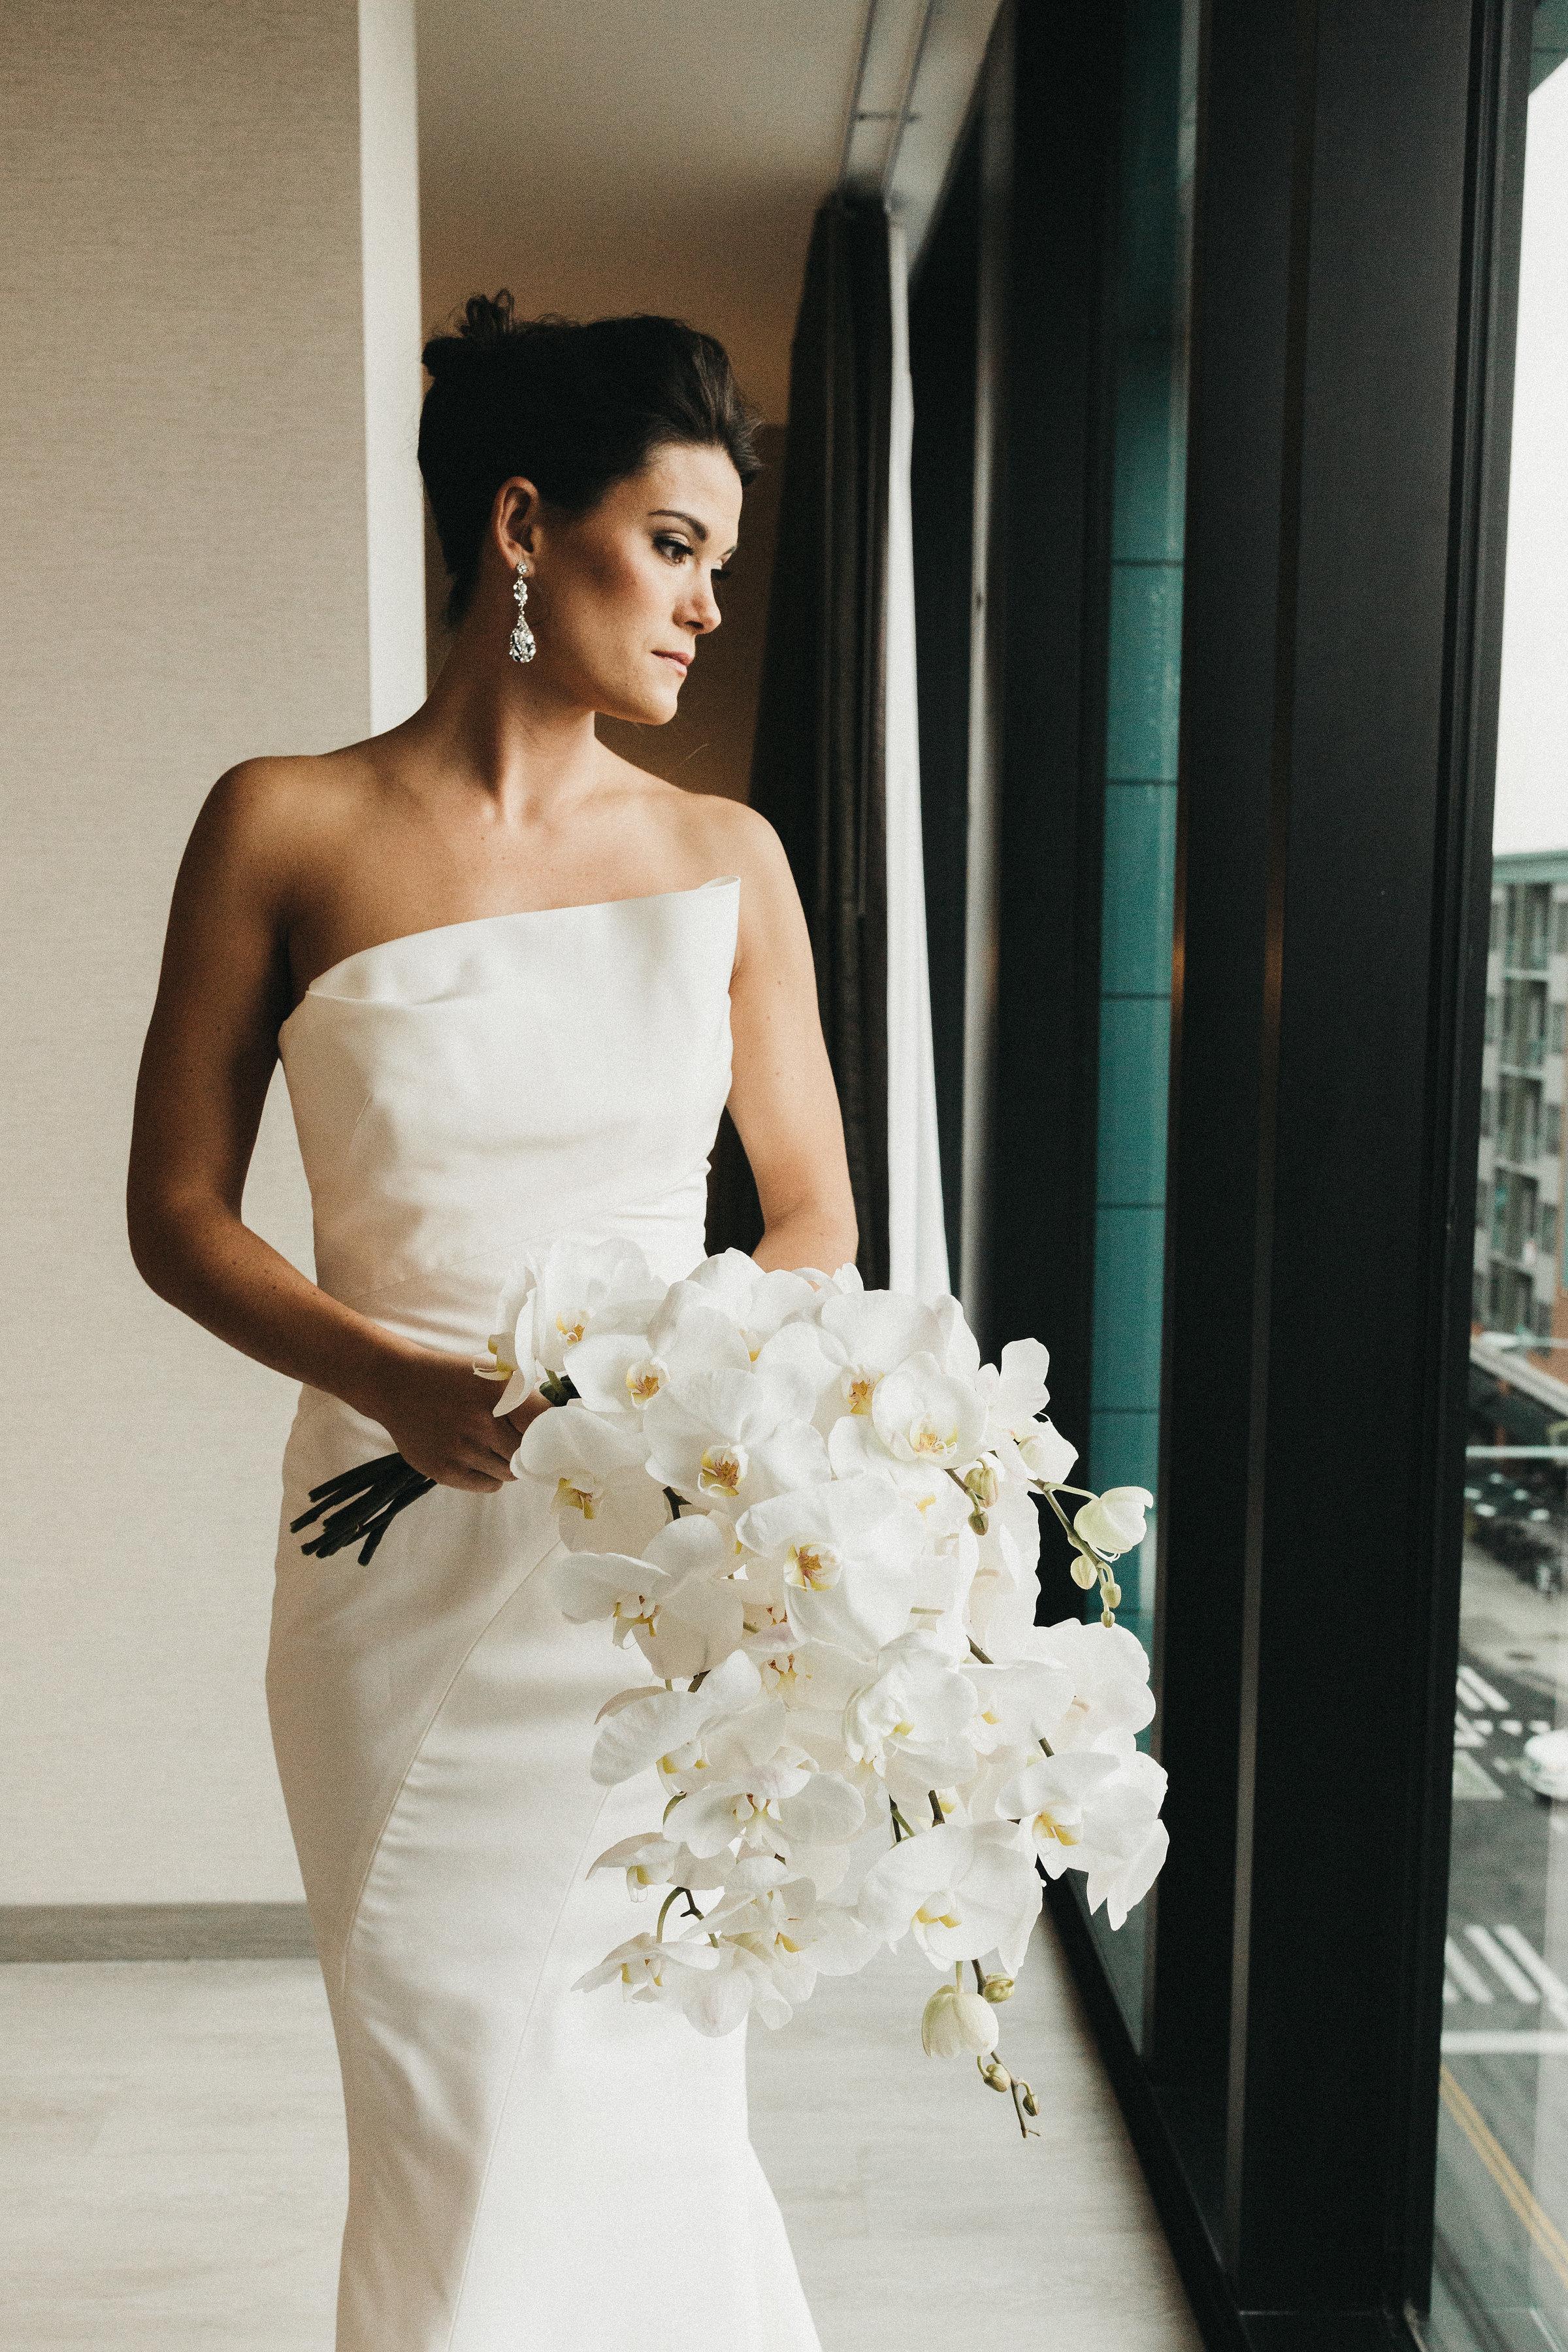 iowa wedding, iowa wedding dress,  iowa wedding gown, denver wedding, denver wedding gown, little white dress shop, j mendel denver, wedding gown denver.